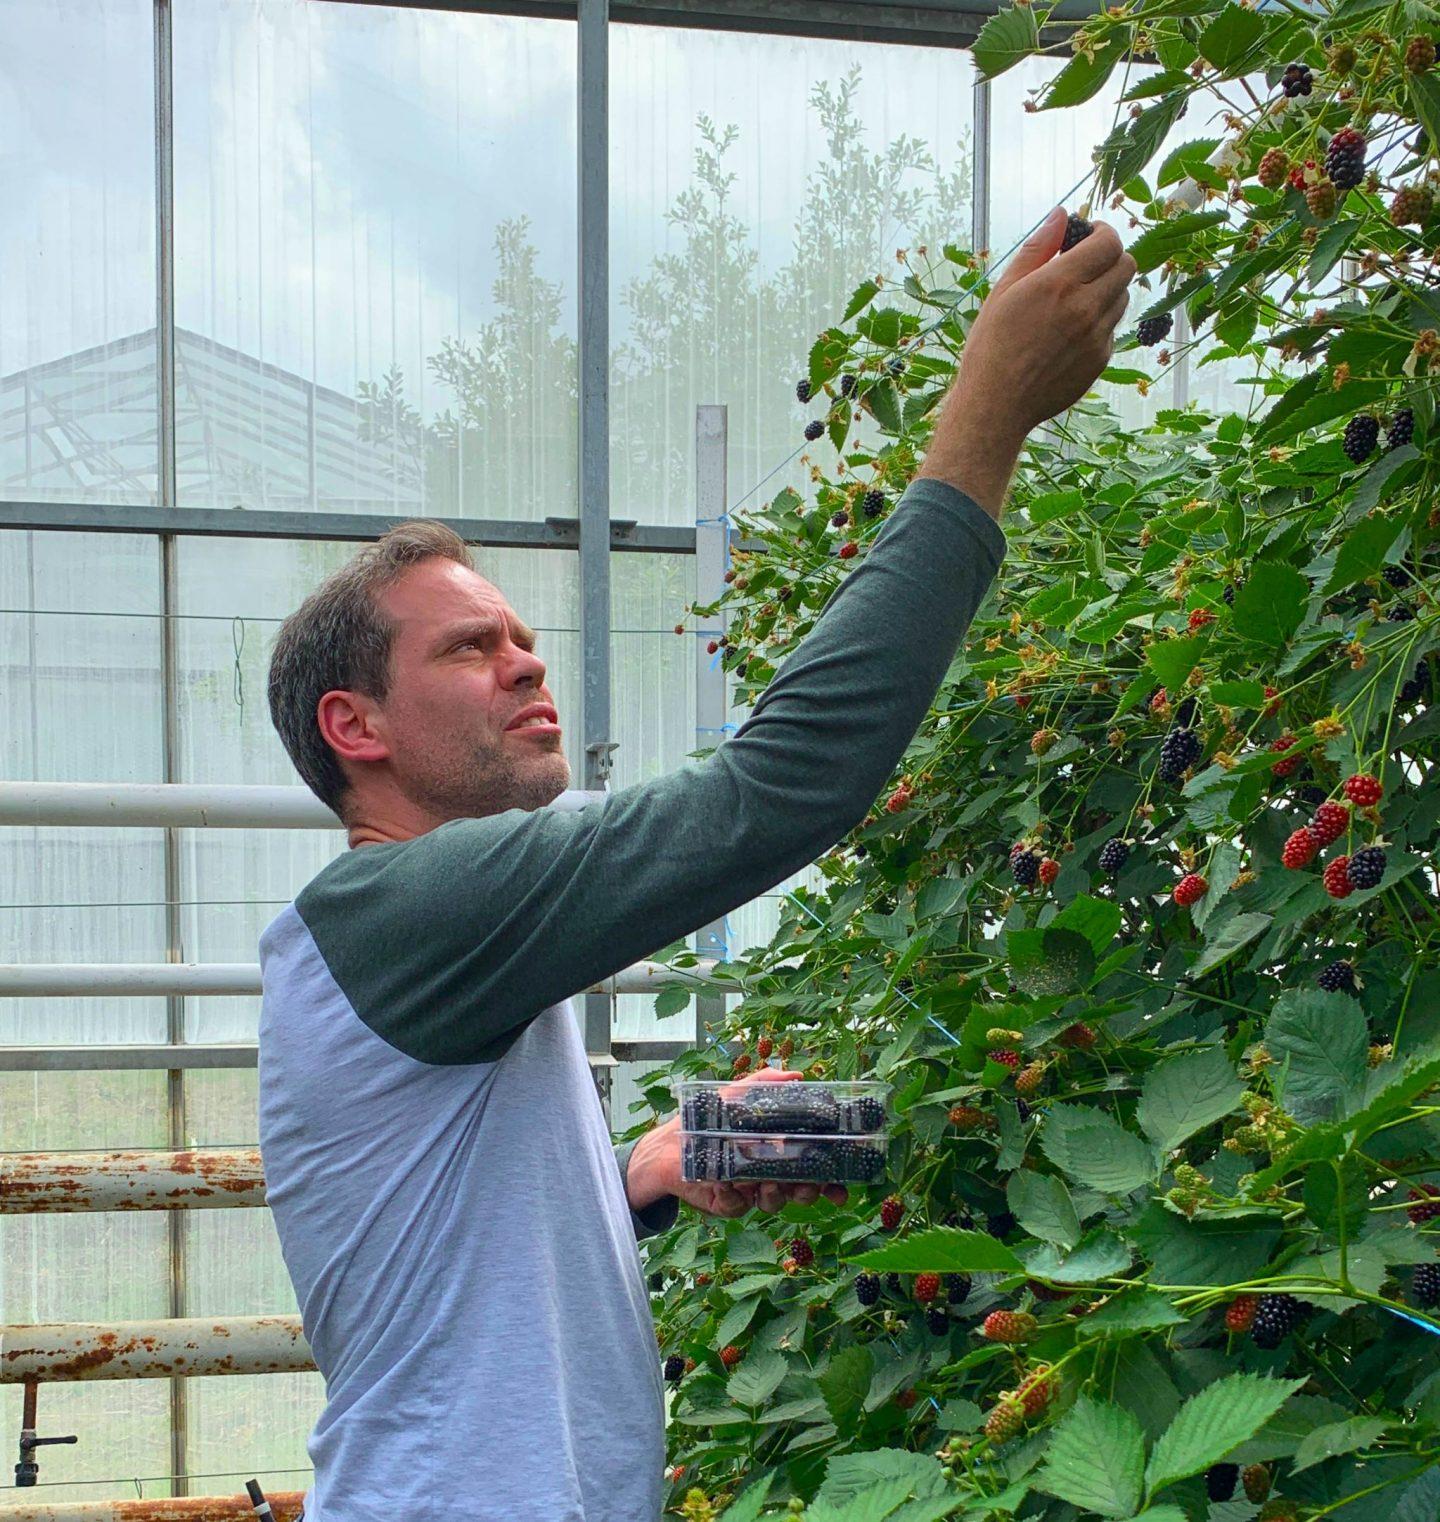 blackberry picking, blackberries, healthy eating, healthy food, dad blog, dadbloguk